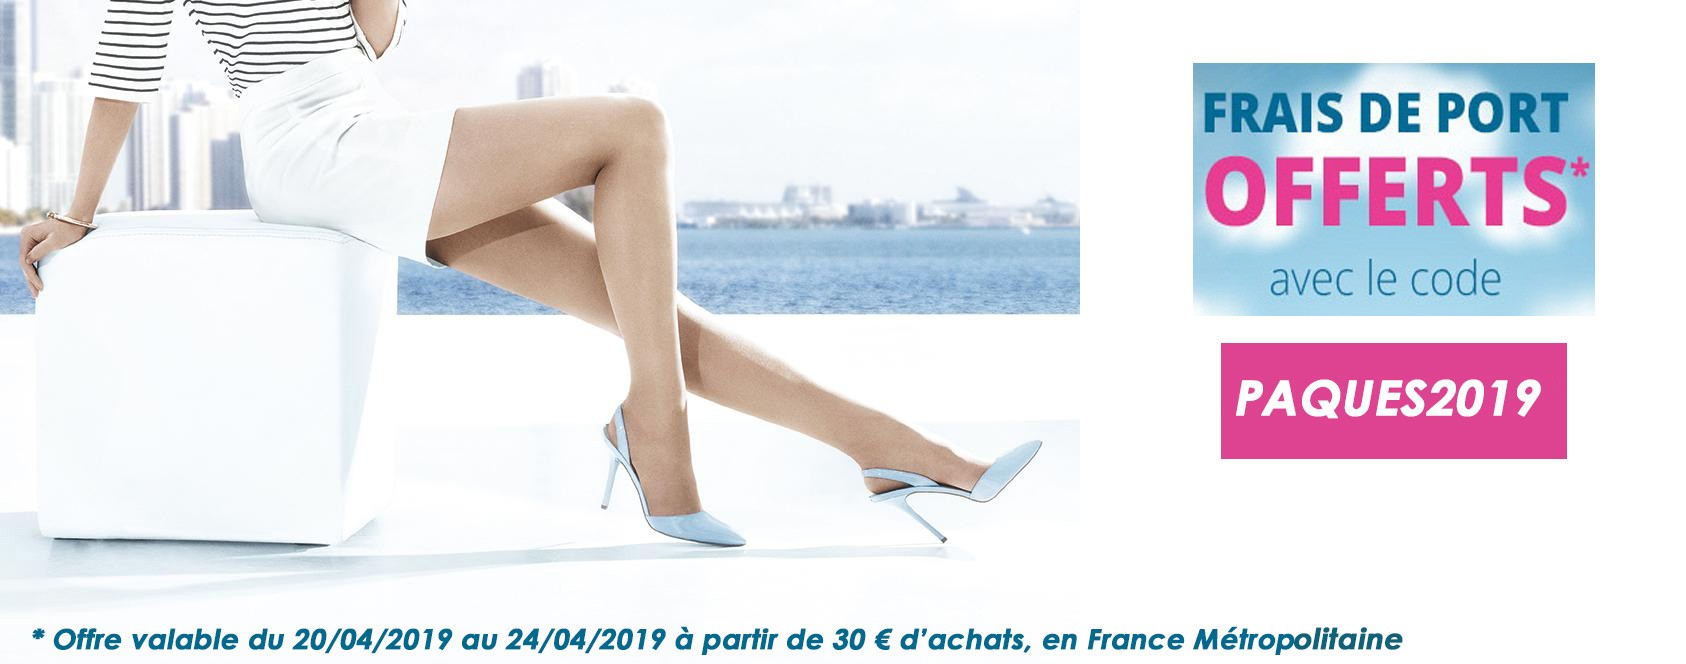 Les frais de port sont offerts sur collant.fr jusqu'au 24 avril minuit